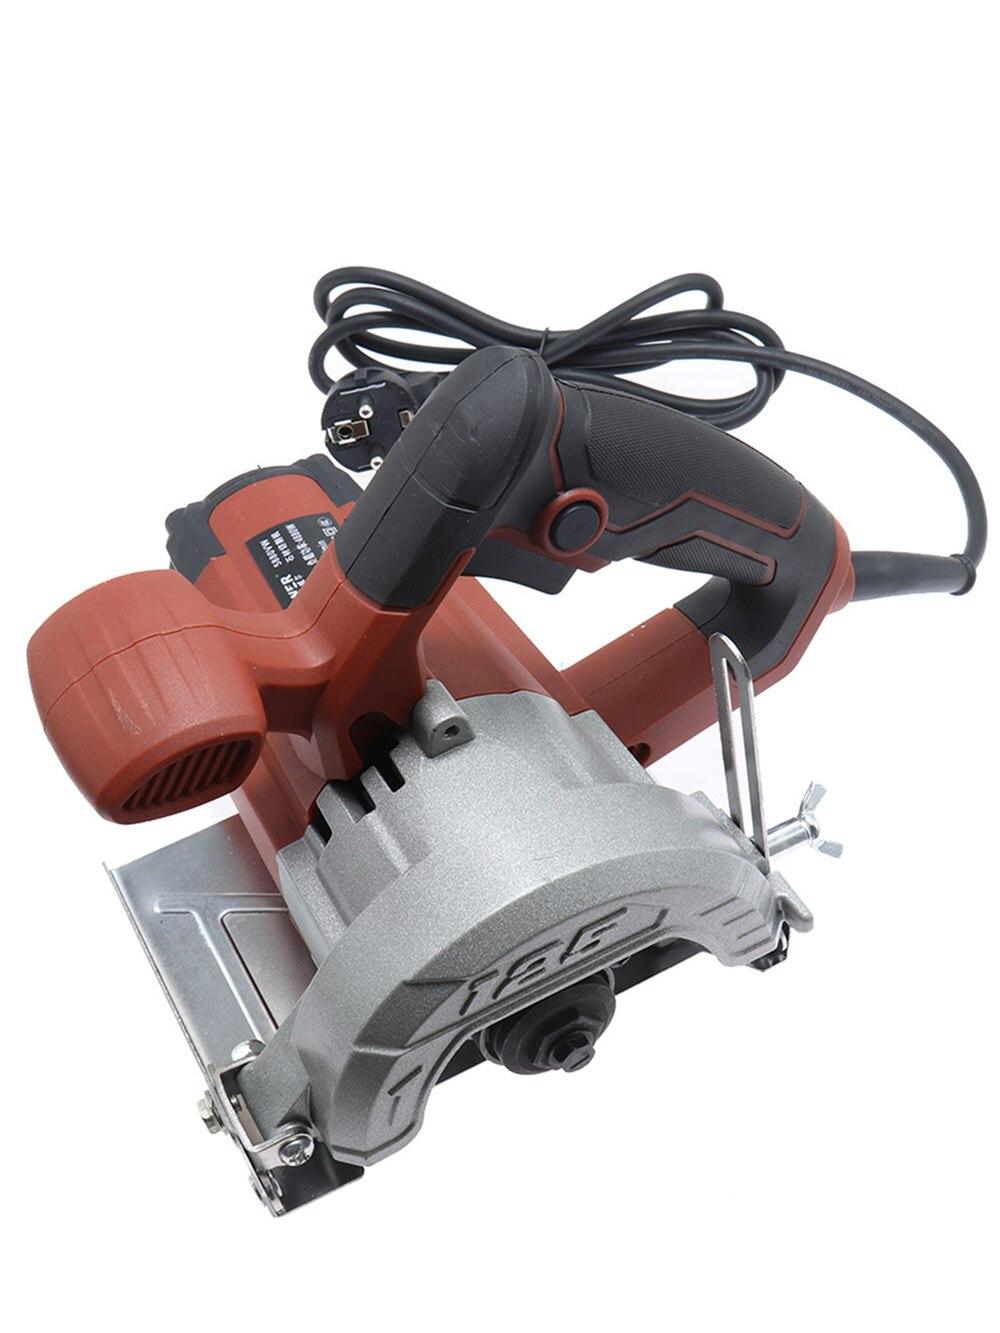 متعددة الوظائف منشار دائري كهربائي أدوات قطع الخشب معدن بلاط رخامي الطوب المنزلية عالية الطاقة آلة قطع 4880 واط 220 فولت